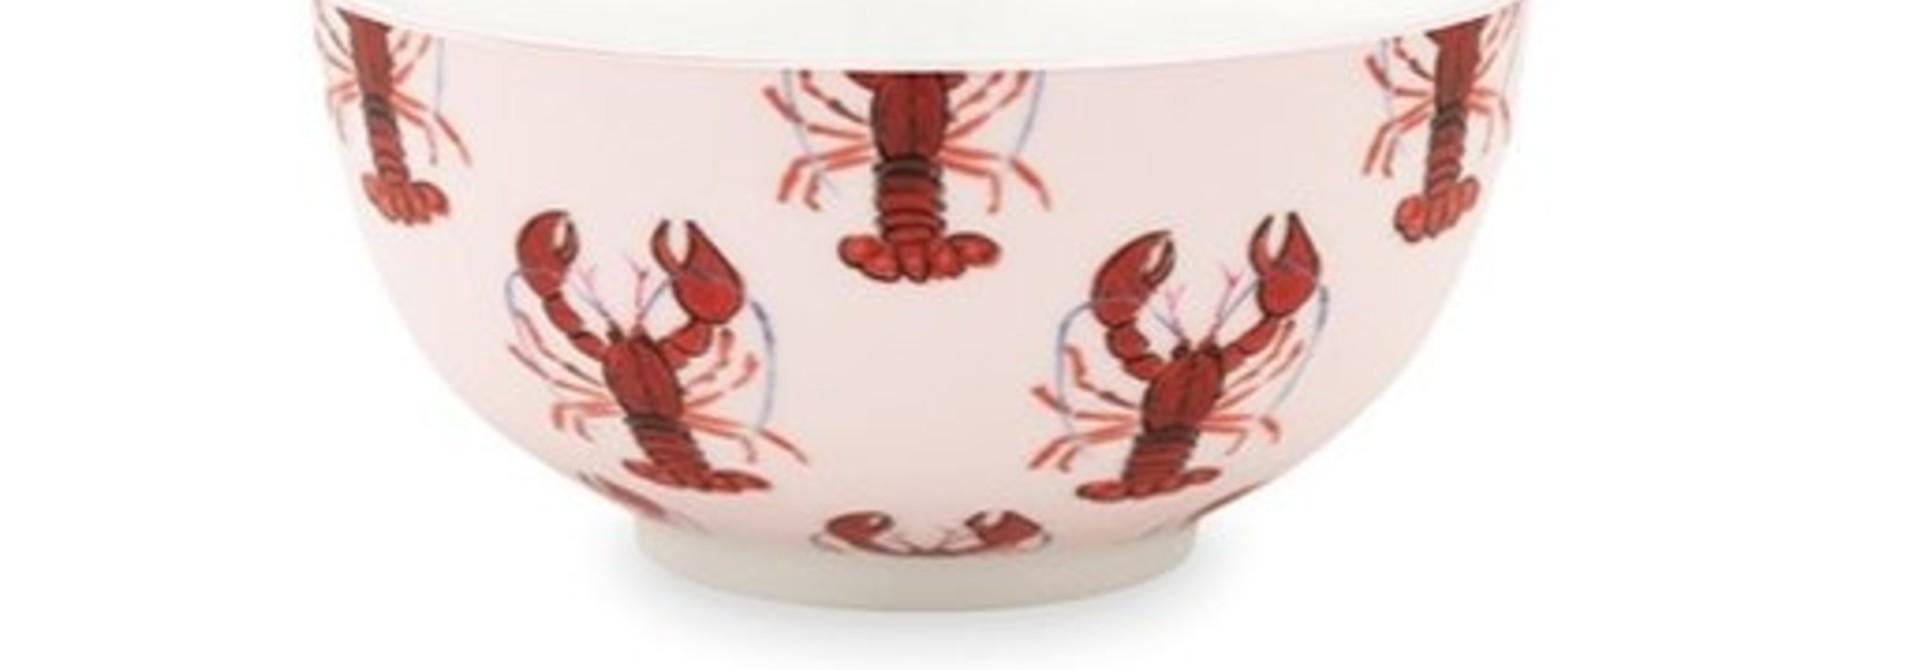 Fabienne Chapot Bowl Lobster